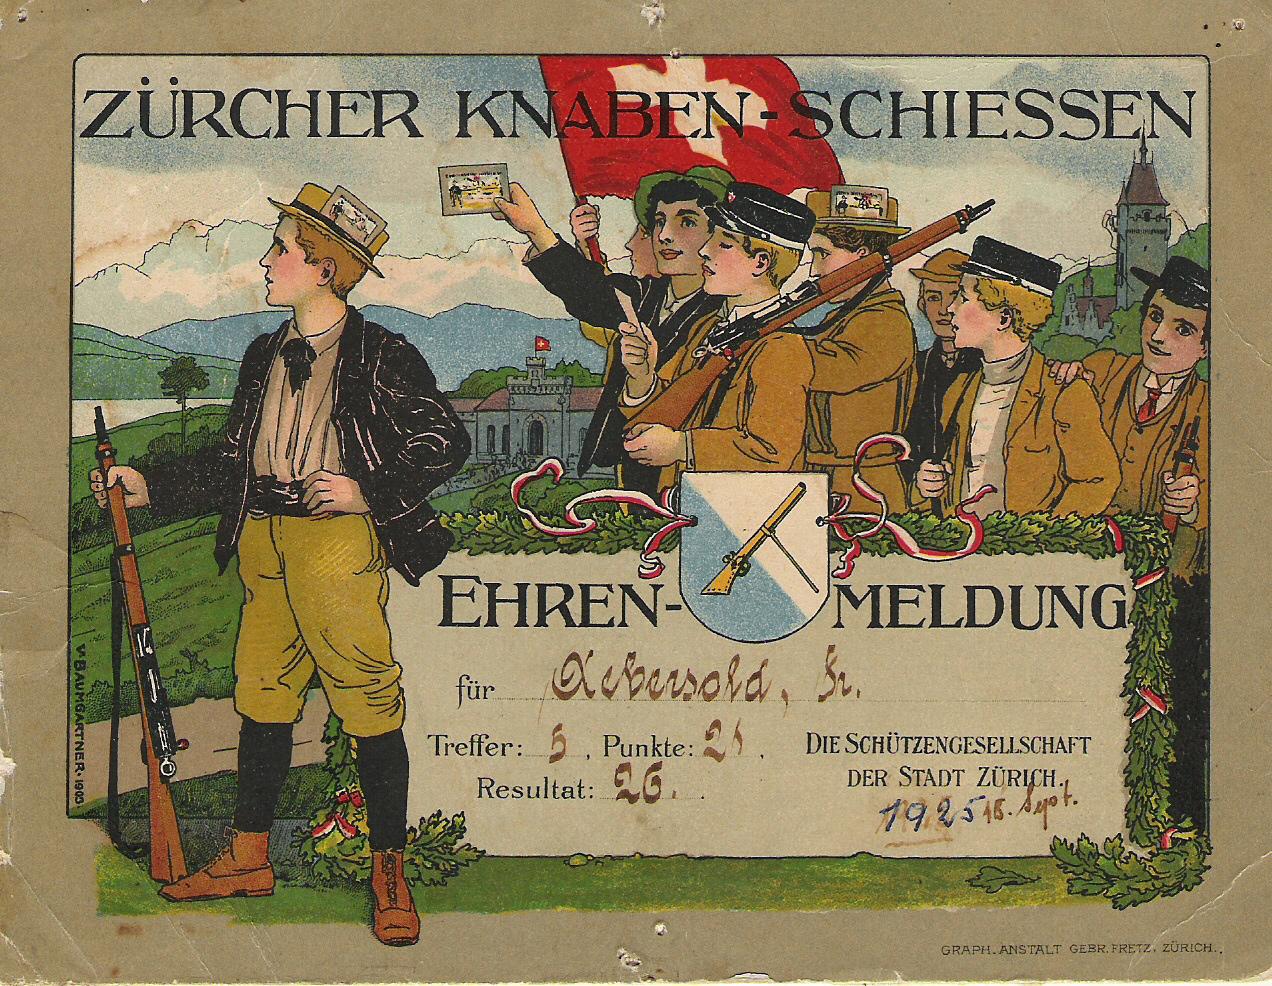 Diplom fra Zürcher Knabenschiessen i 1925